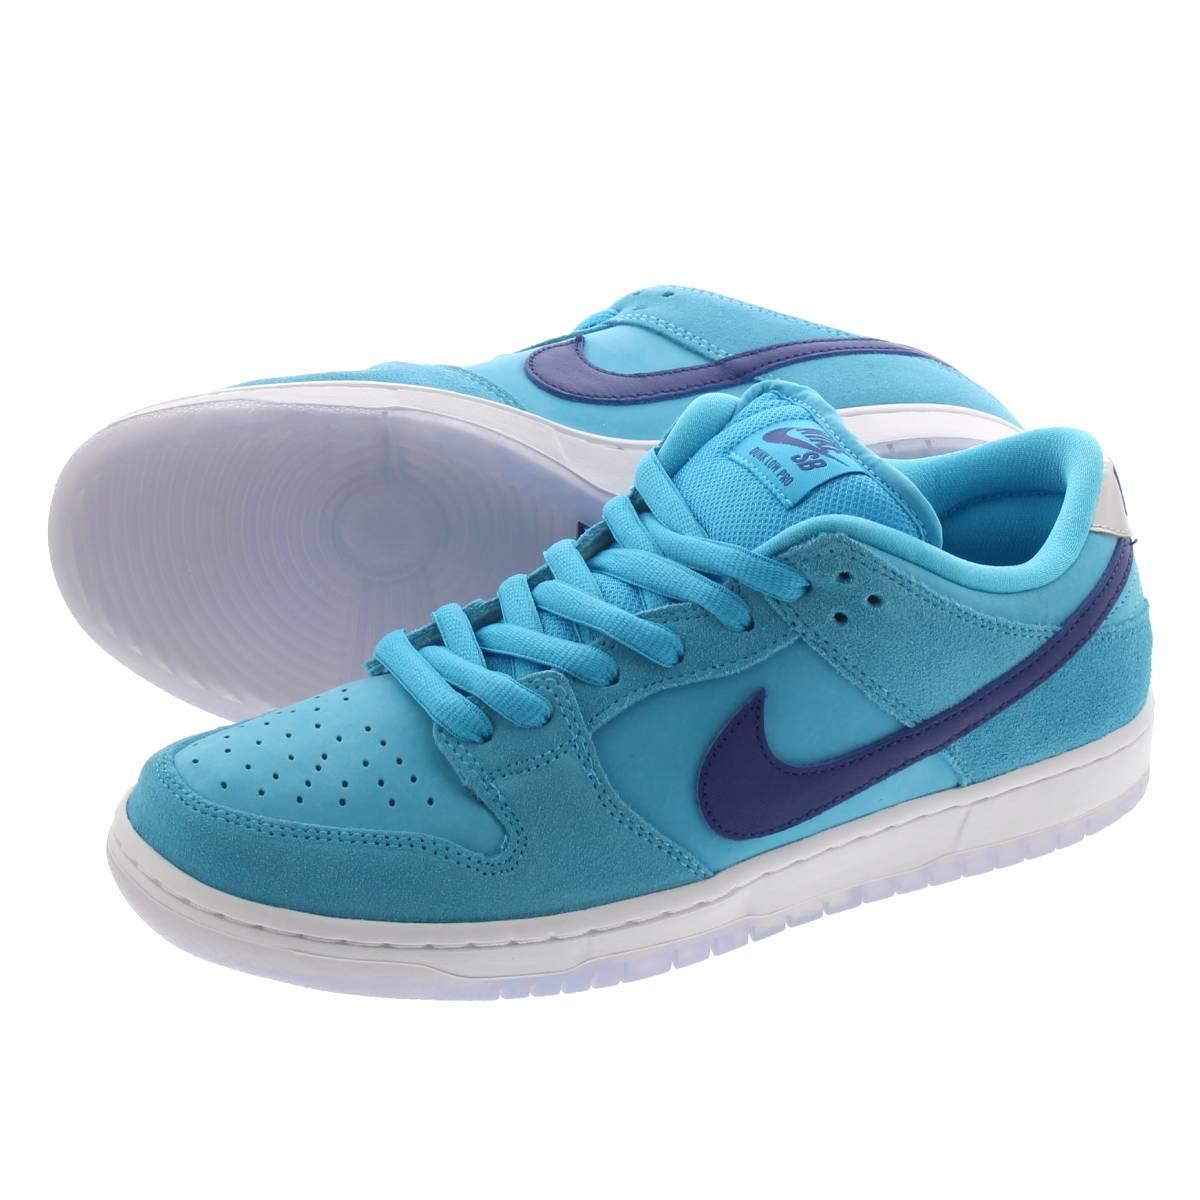 メンズ靴, スニーカー NIKE SB DUNK LOW PRO SB BLUE FURYDEEP ROYAL bq6817-400